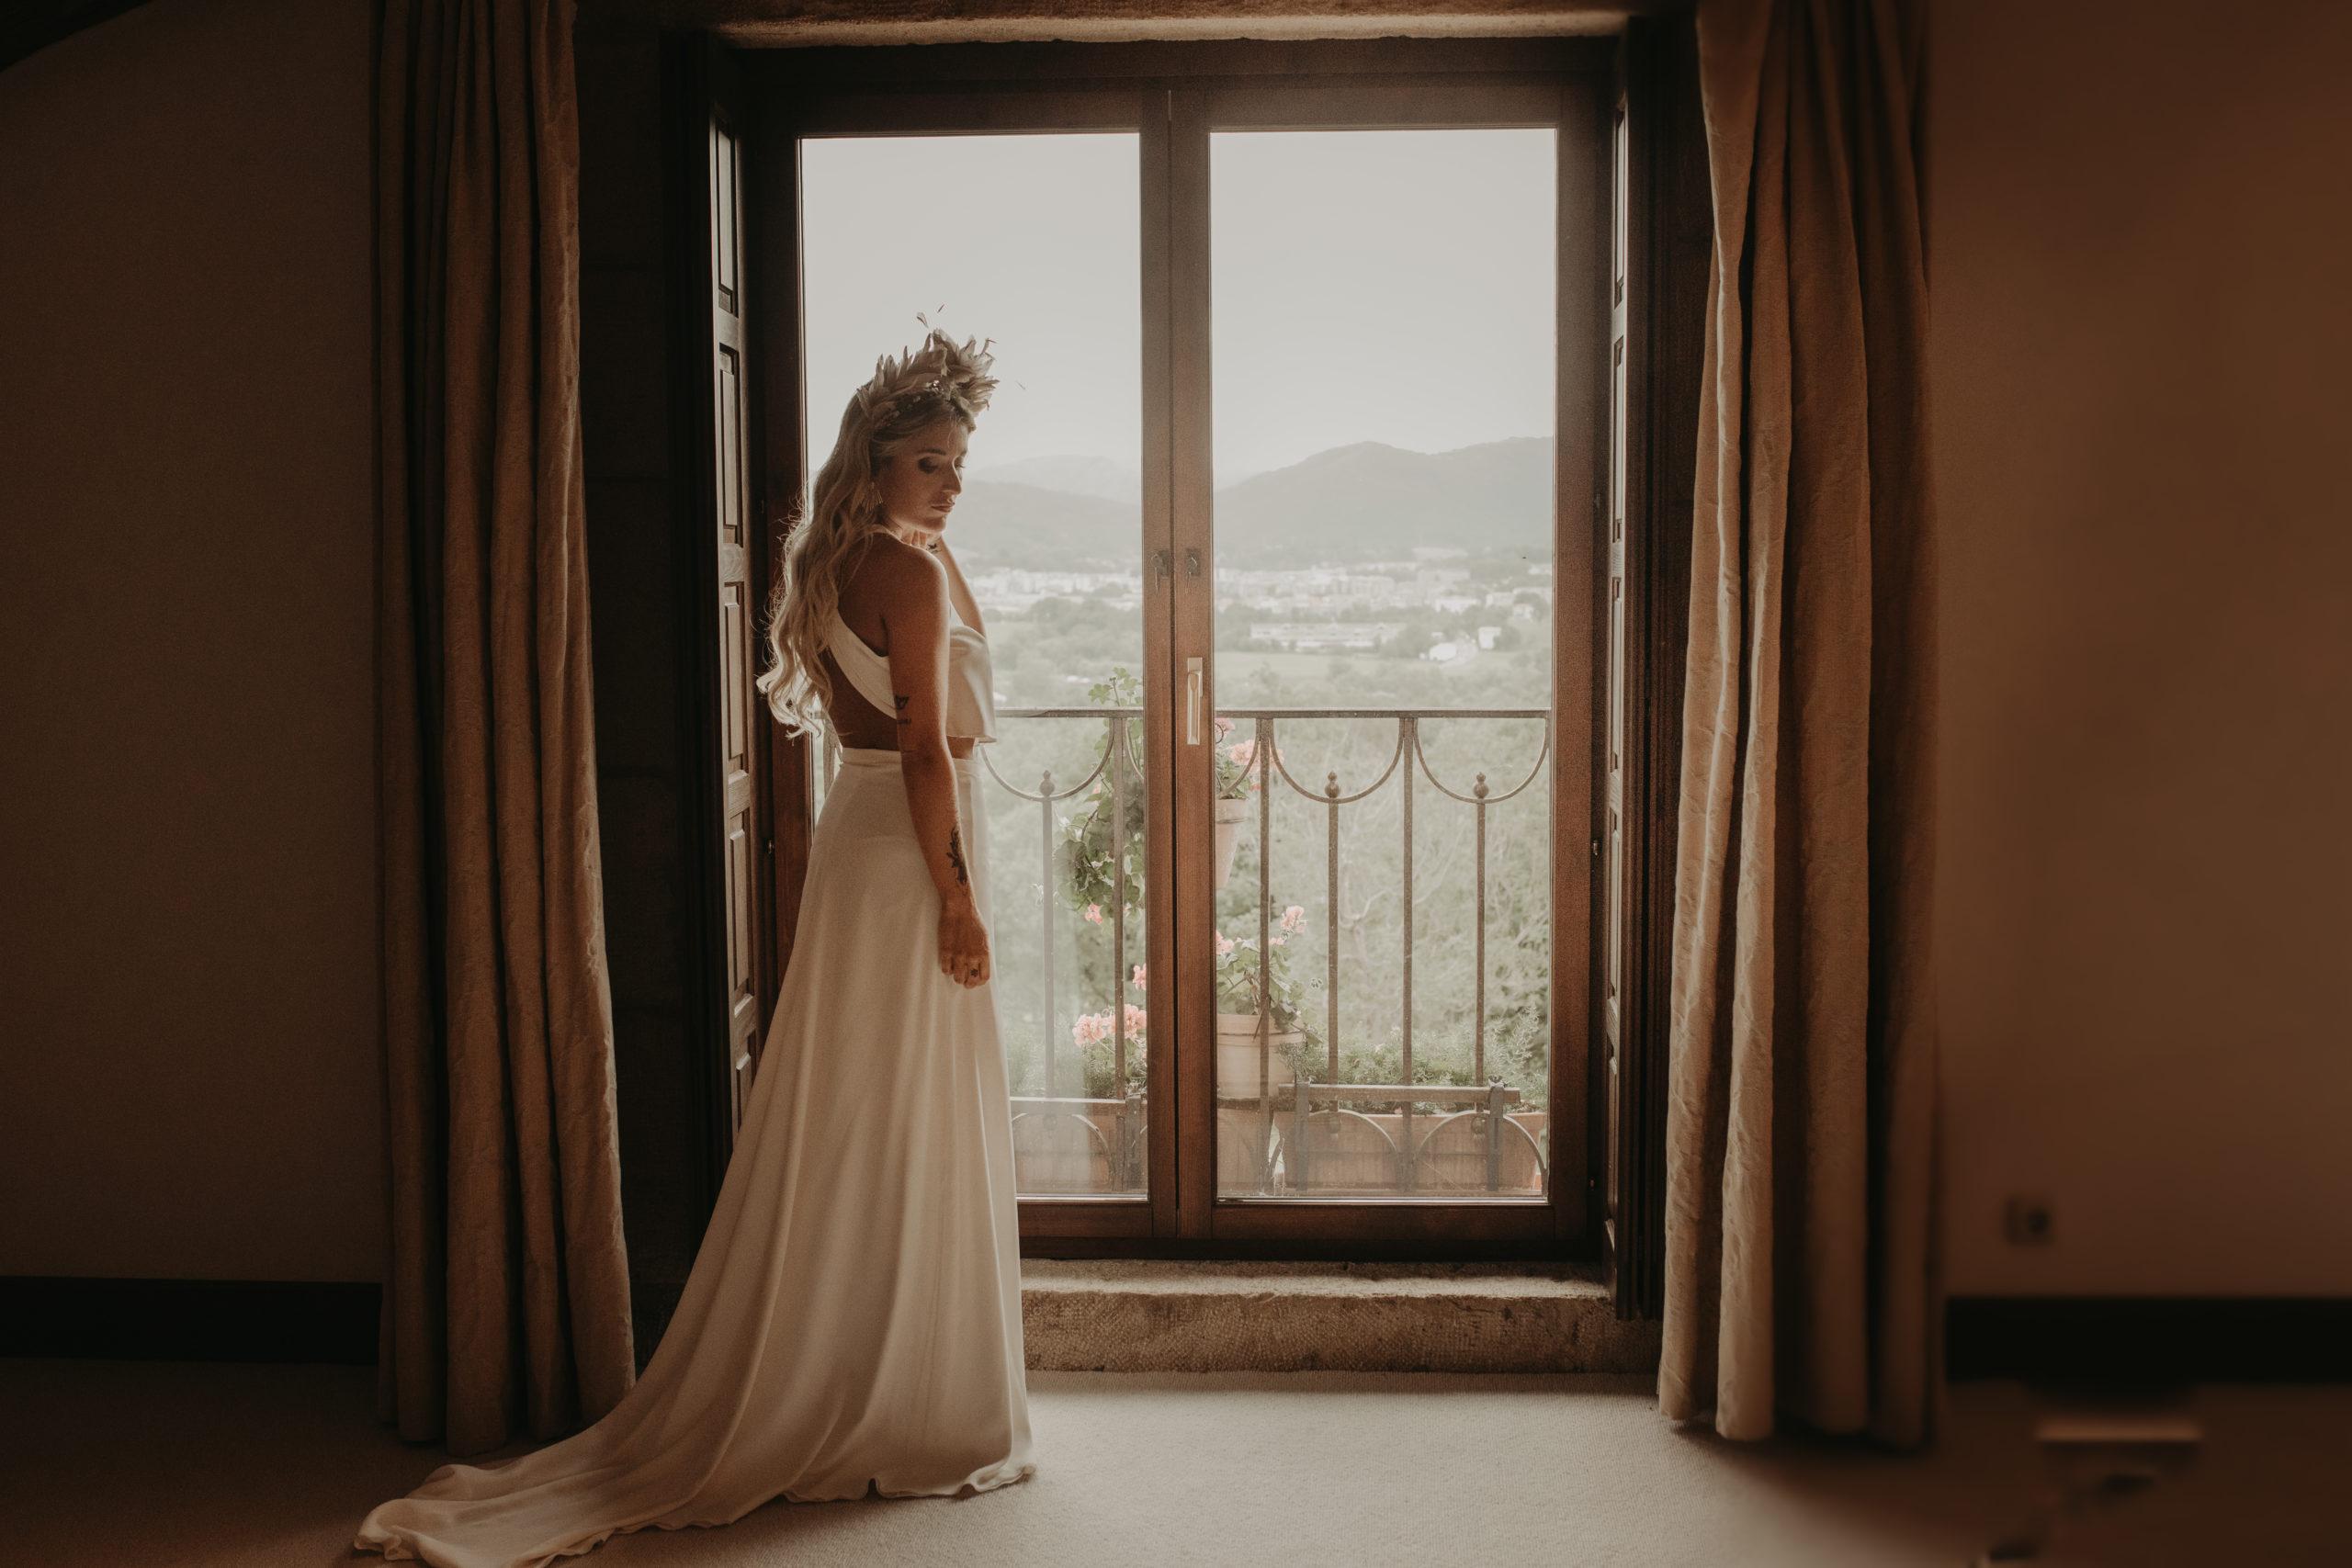 Novia vestida sobre ventana en un caserío tradicional vasco de Hondarribia